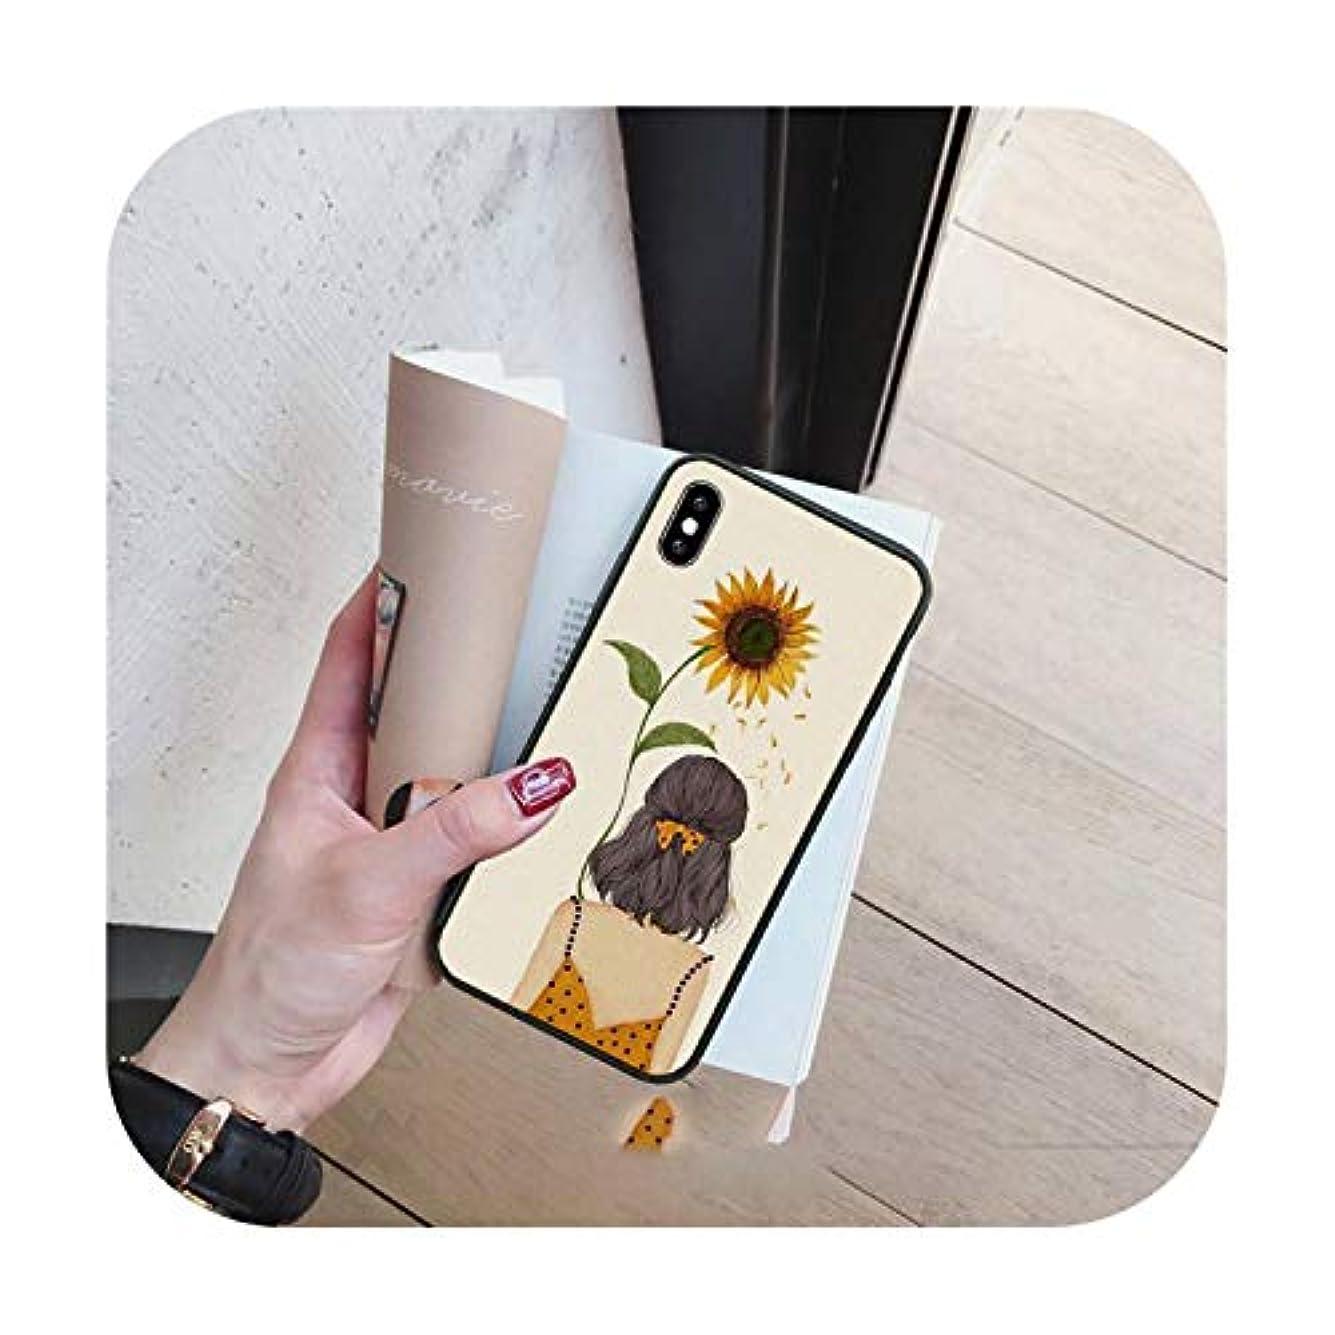 私たちのものビバ出来事エレガントな女の子の電話ケースfor iphone6 6 sプラス7 8 7 8プラスX XR XS MAX 11プロ最大カバー-a8-For for iphone 7 8